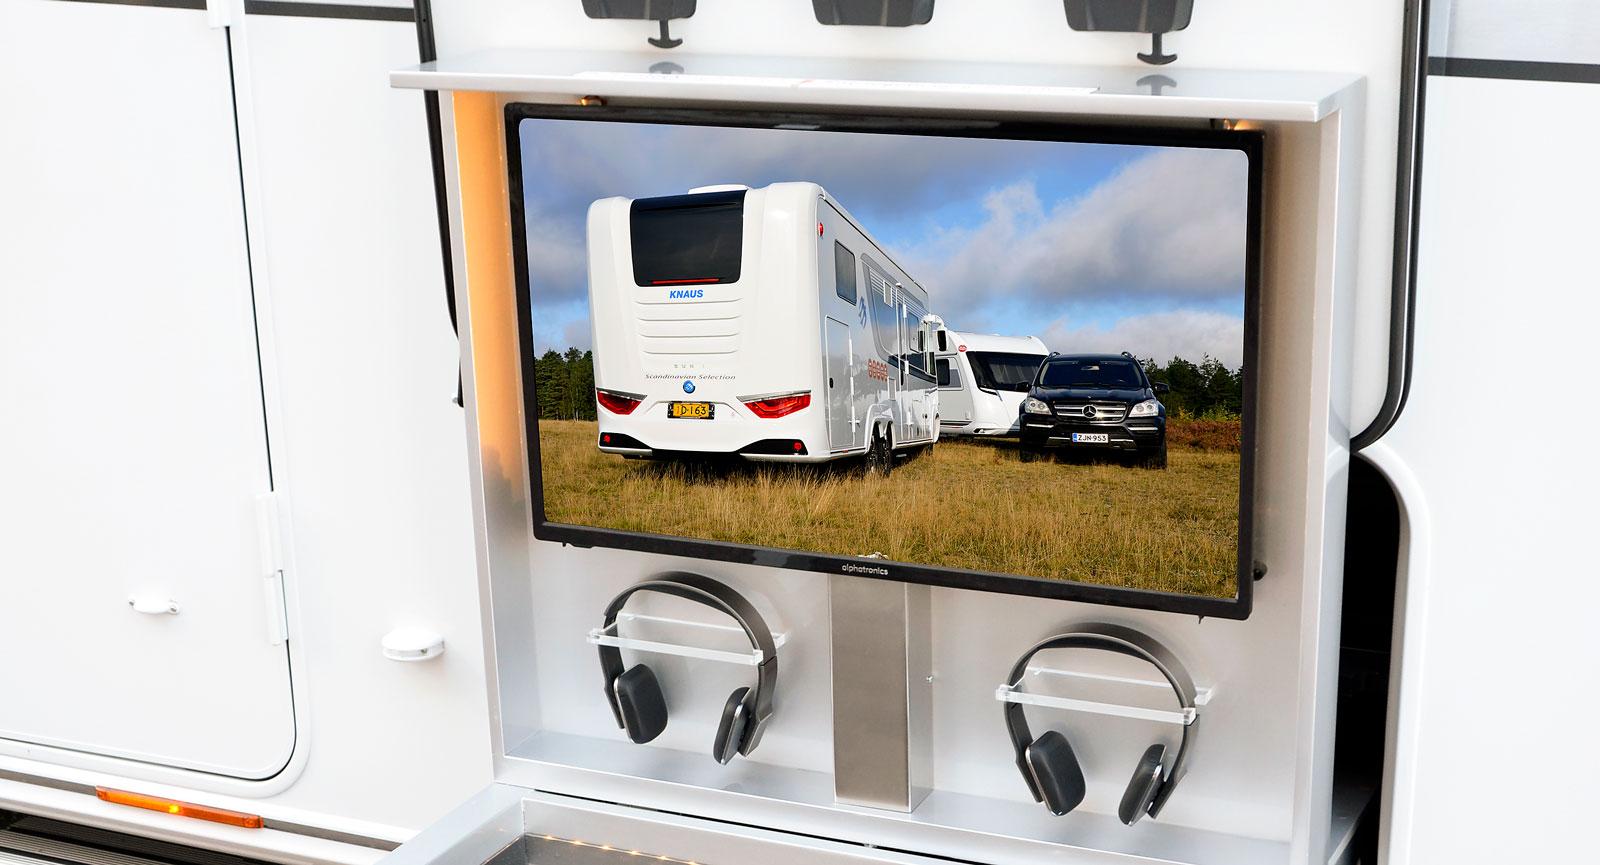 testbilen har ytterligare en 32-tums tv i lastluckan för att kunna njuta av favoritprogrammen även utomhus. Ett experiment med inspiration från USA för att kolla mottagandet i Europa.